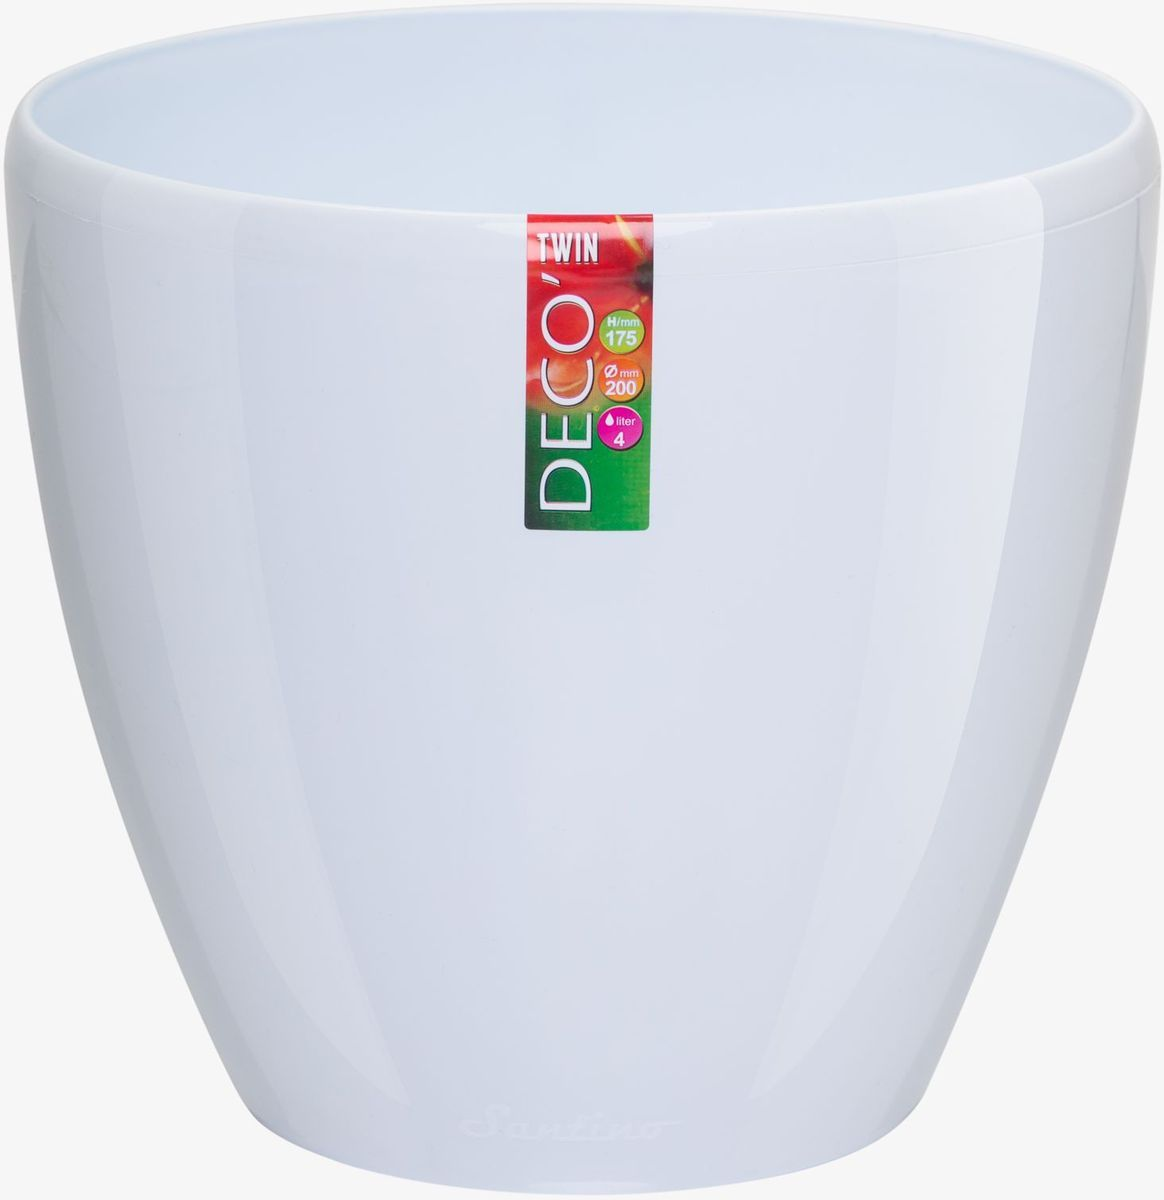 Горшок цветочный Santino Deco Twin, двойной, с системой автополива, цвет: прозрачный, 4 лДЕК 4 ПРГоршок цветочный Santino Deco Twin снабжен дренажной системой и состоит из кашпо и вазона-вкладыша. Изготовлен из пластика.Особенность: тарелочка или блюдце не нужны.Горшок предназначен для любых растений или цветов.Цветочный дренаж – это система, которая позволяет выводить лишнюю влагу через корневую систему цветка и слой почвы. Растение – это живой организм, следовательно, ему необходимо дышать. В доступе к кислороду нуждаются все части растения:-листья;-корневая система.Если цветовод по какой-либо причине зальет цветок водой, то она буквально вытеснит из почвенного слоя все пузырьки кислорода. Анаэробная среда способствует развитию различного рода бактерий. Безвоздушная среда приводит к загниванию корневой системы, цветок в результате увядает.Суть работы дренажной системы заключается в том, чтобы осуществлять отвод лишней влаги от растения и давать возможность корневой системе дышать без проблем. Следовательно, каждому цветку необходимо:-иметь в основании цветочного горшочка хотя бы одно небольшое дренажное отверстие. Оно необходимо для того, чтобы через него выходила лишняя вода, плюс ко всему это отверстие дает возможность циркулировать воздух.-на самом дне горшка необходимо выложить слоем в 2-5 см (зависит от вида растения) дренаж.УВАЖАЕМЫЕ КЛИЕНТЫ!Обращаем ваше внимание на тот факт, что фото изделия служит для визуального восприятия товара. Литраж и размеры, представленные на этикетке товара, могут по факту отличаться от реальных. Корректные данные в поле Размеры.